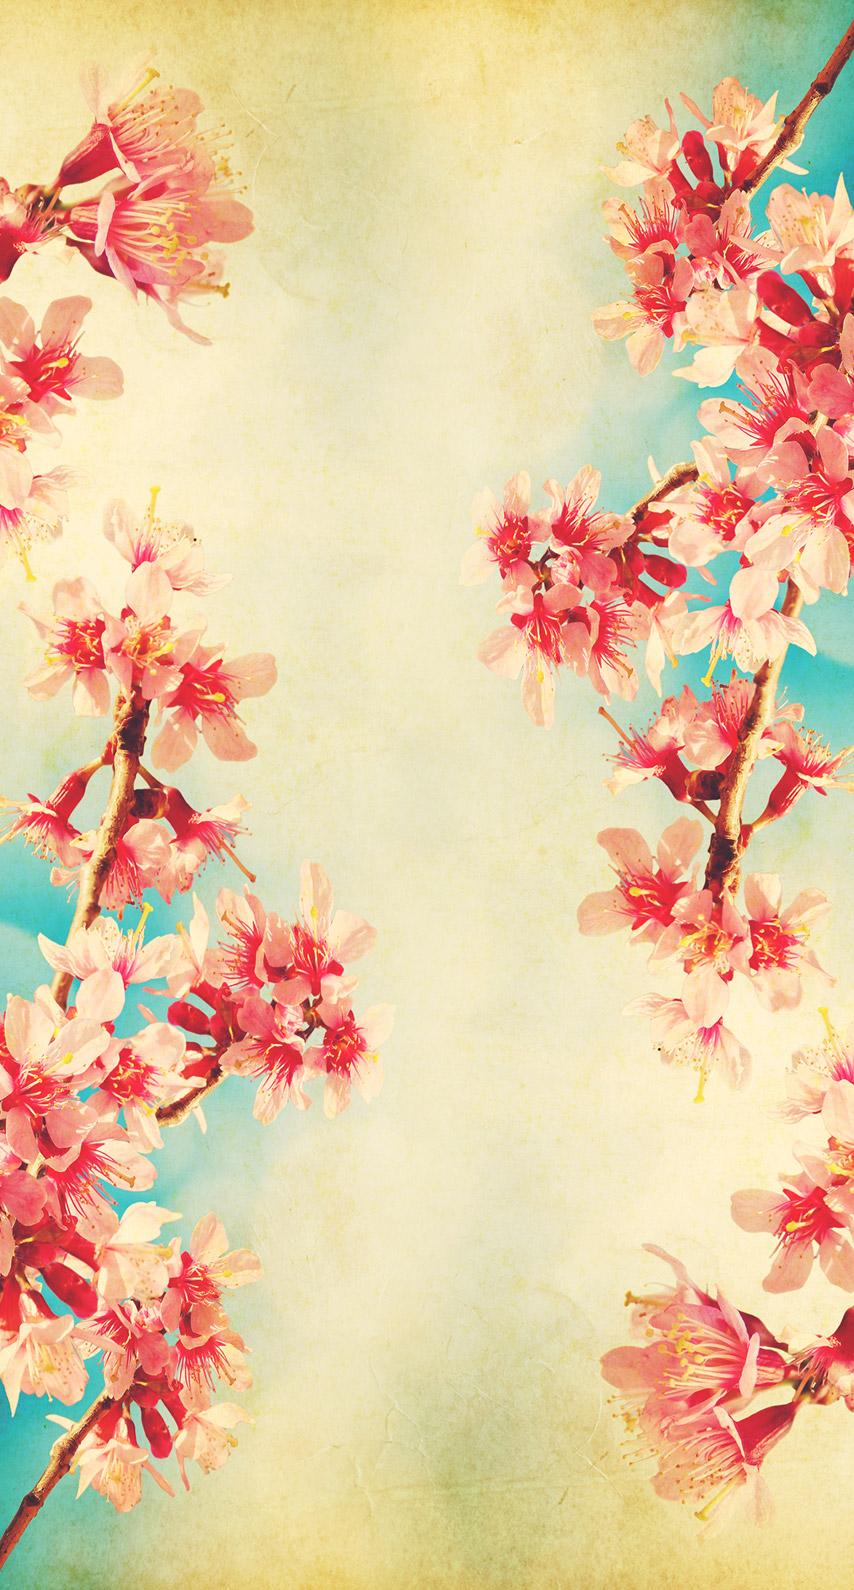 flower arranging, cherry blossom